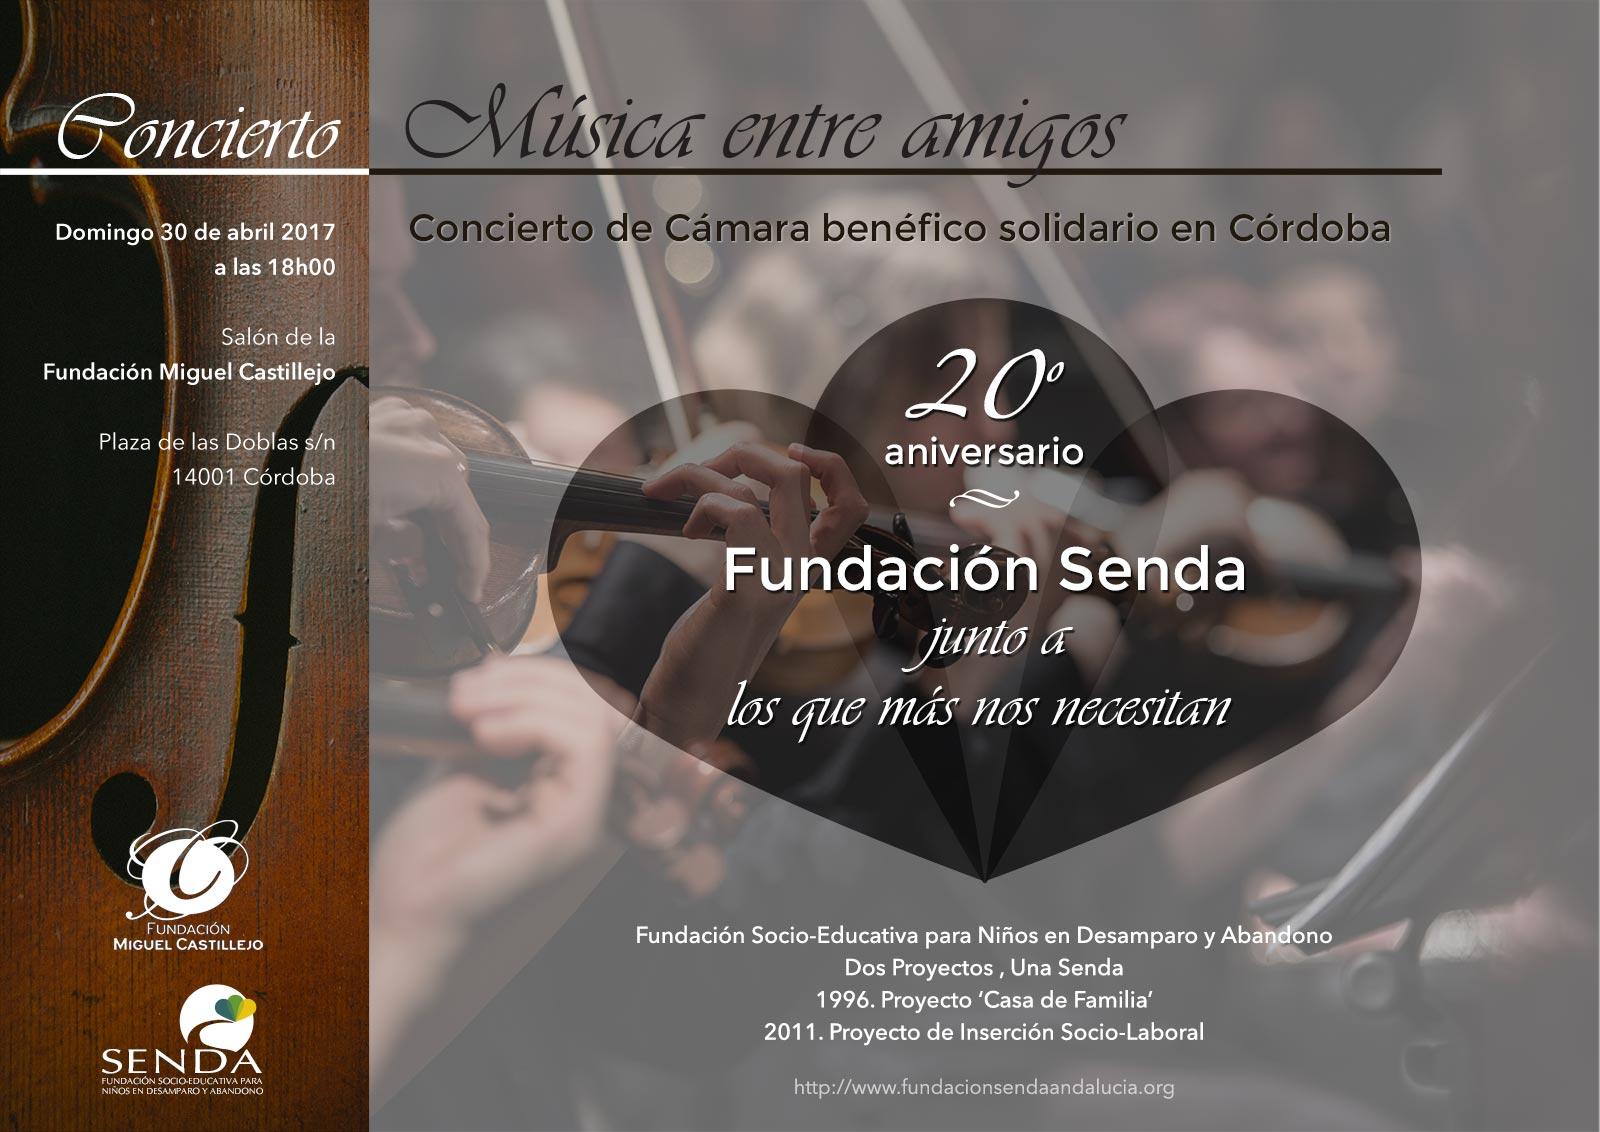 Música entre amigos Concierto de cámara Miguel Castillejo Fundacion Senda